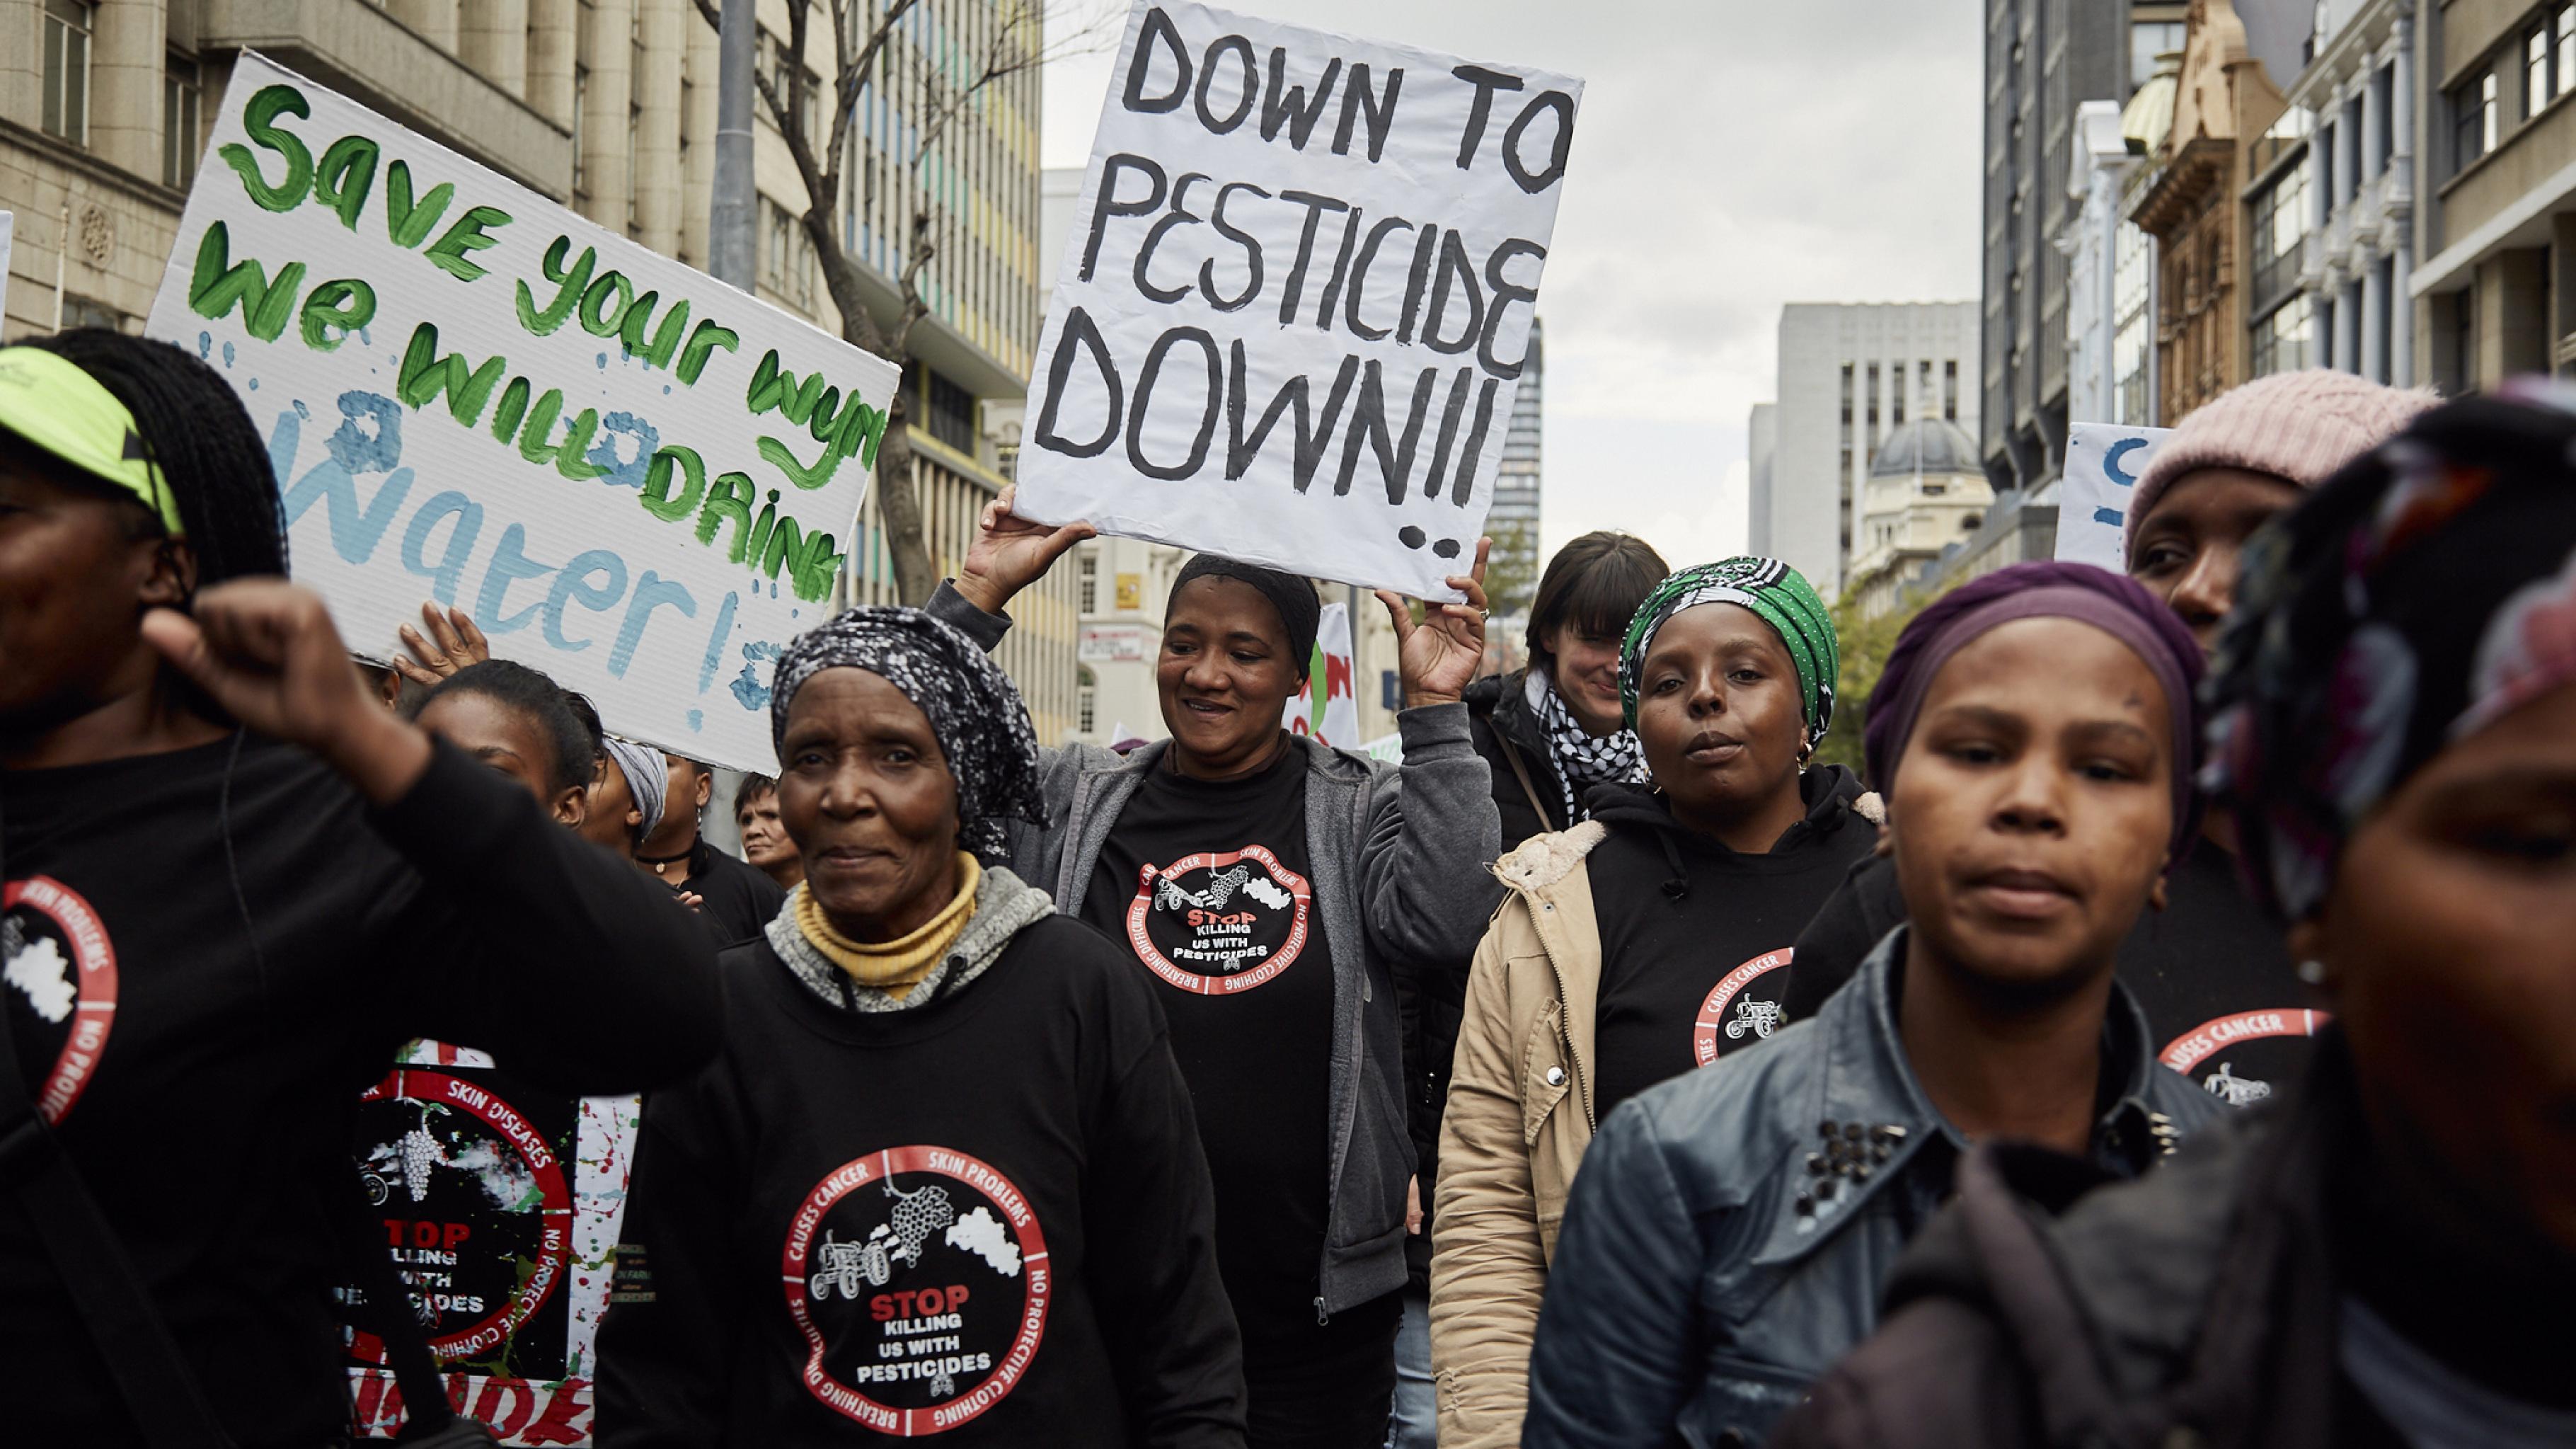 Nieder mit den Pestiziden: Protestmarsch der Weinarbeiterinnen in Kapstadt